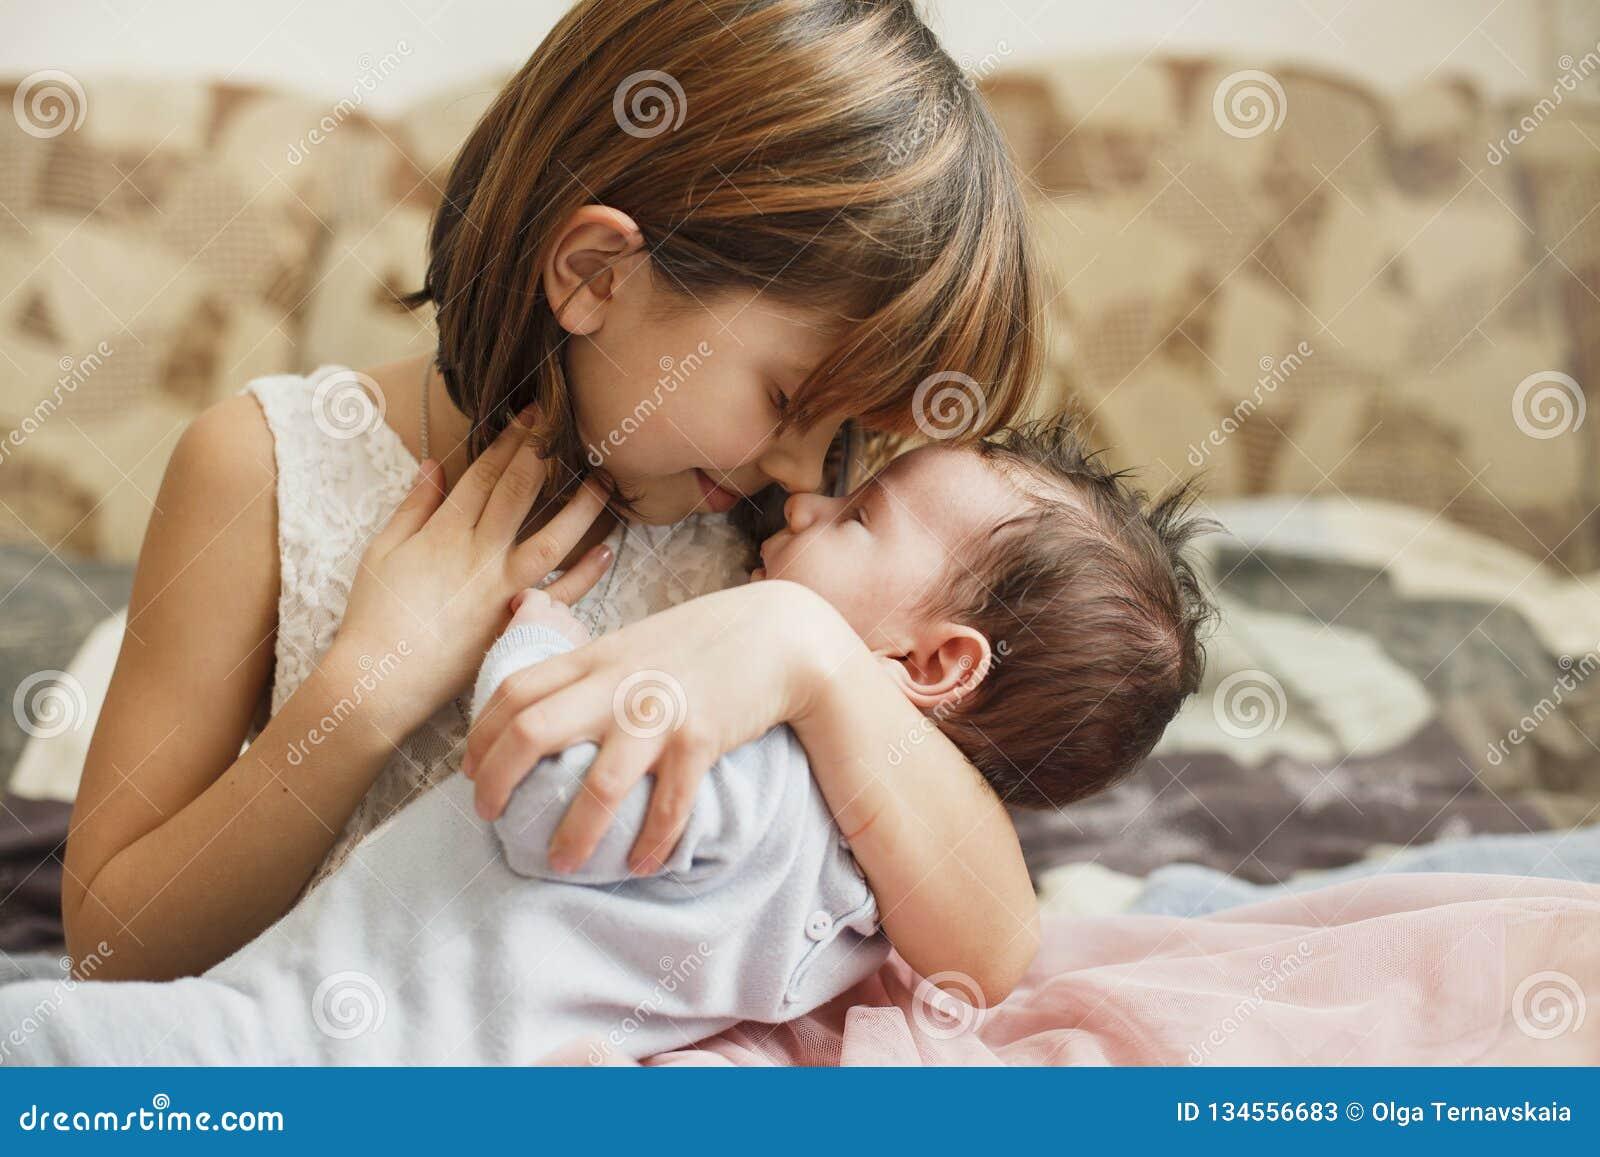 拥抱她新出生的兄弟的妹 遇见新的兄弟姐妹的小孩孩子 逗人喜爱的女孩和新出生的男婴在a放松